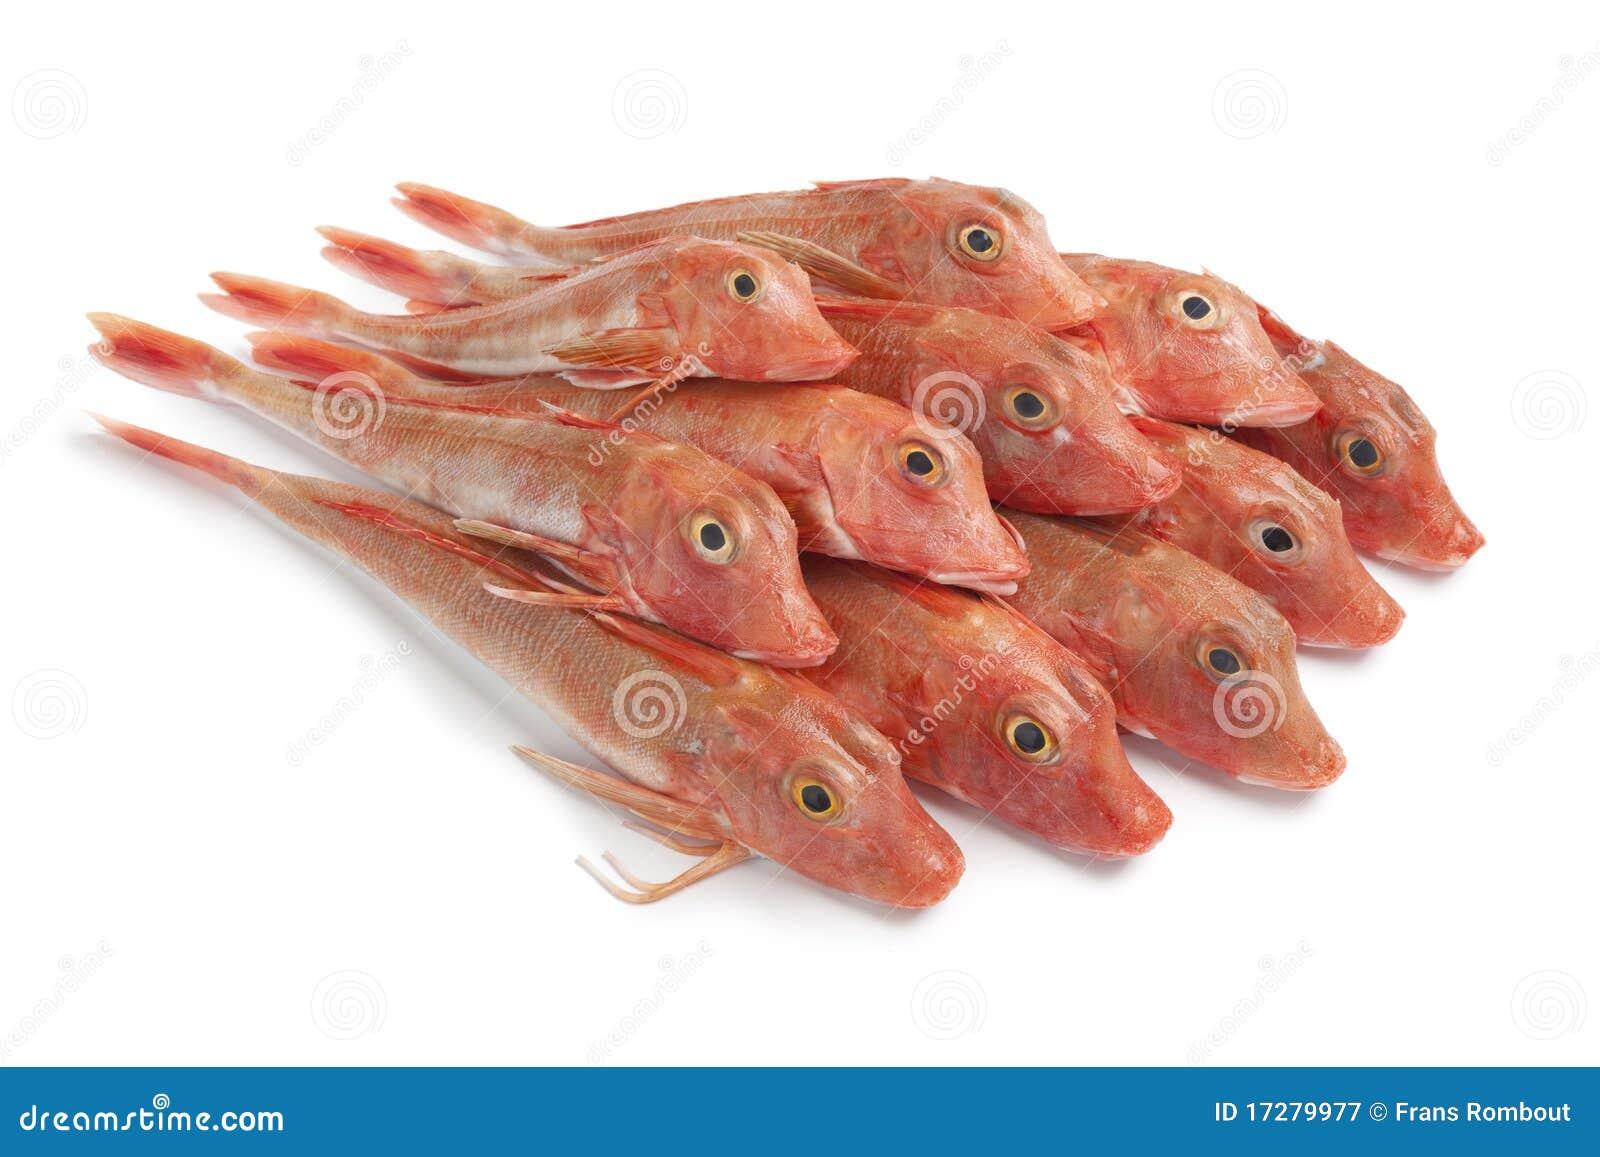 Mucchio dei pesci rossi del capone di vasca immagine stock for Vasca x pesci rossi